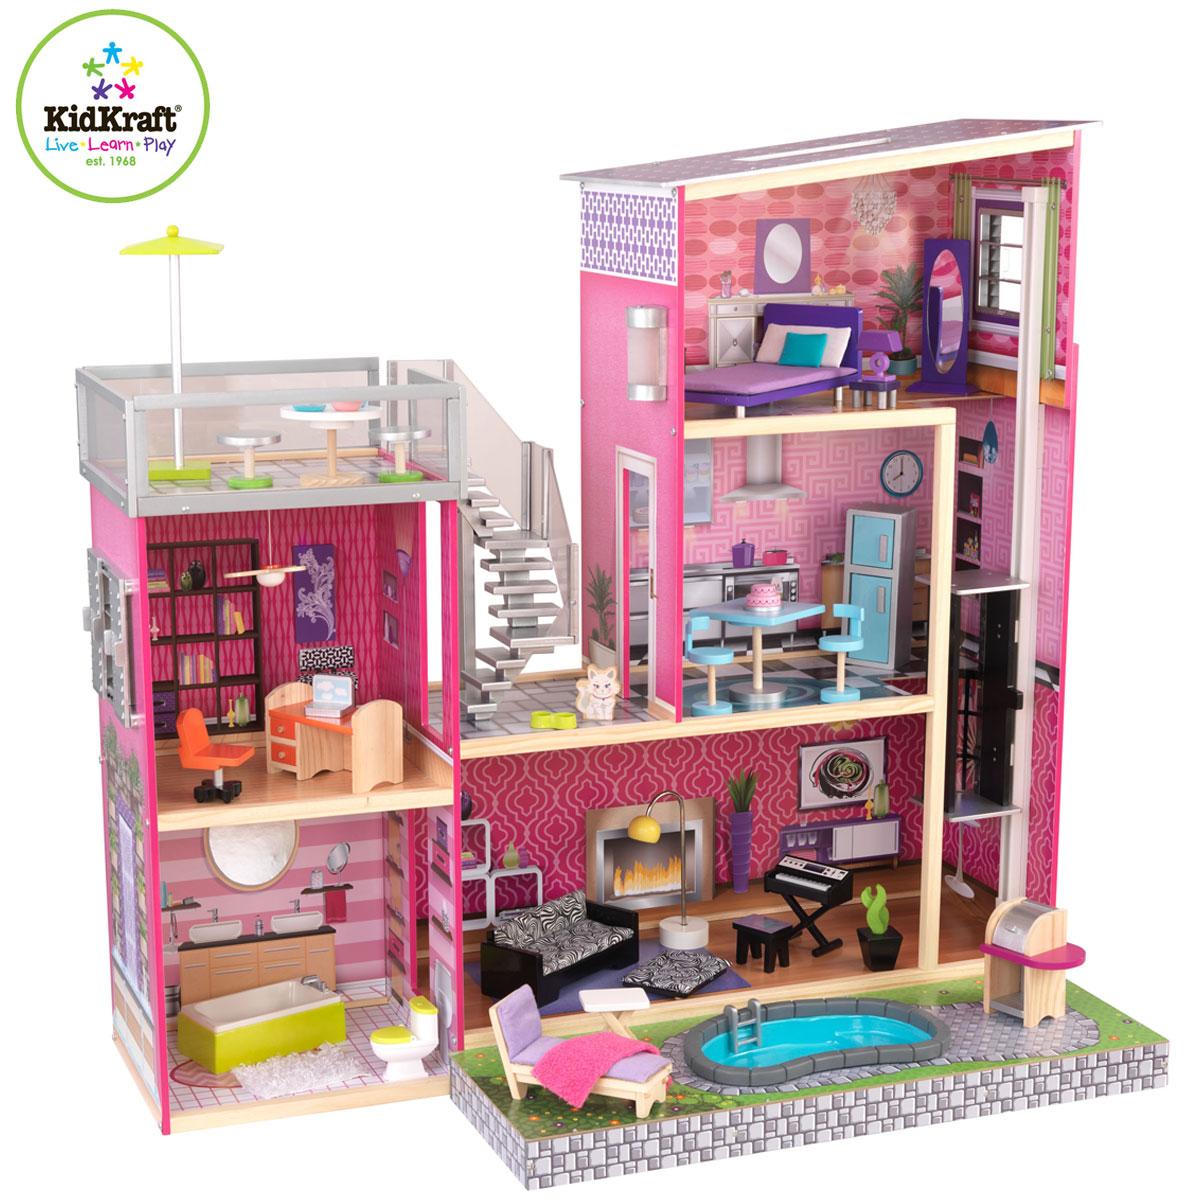 kidkraft uptown puppenhaus bei pirum holzspielzeuge. Black Bedroom Furniture Sets. Home Design Ideas